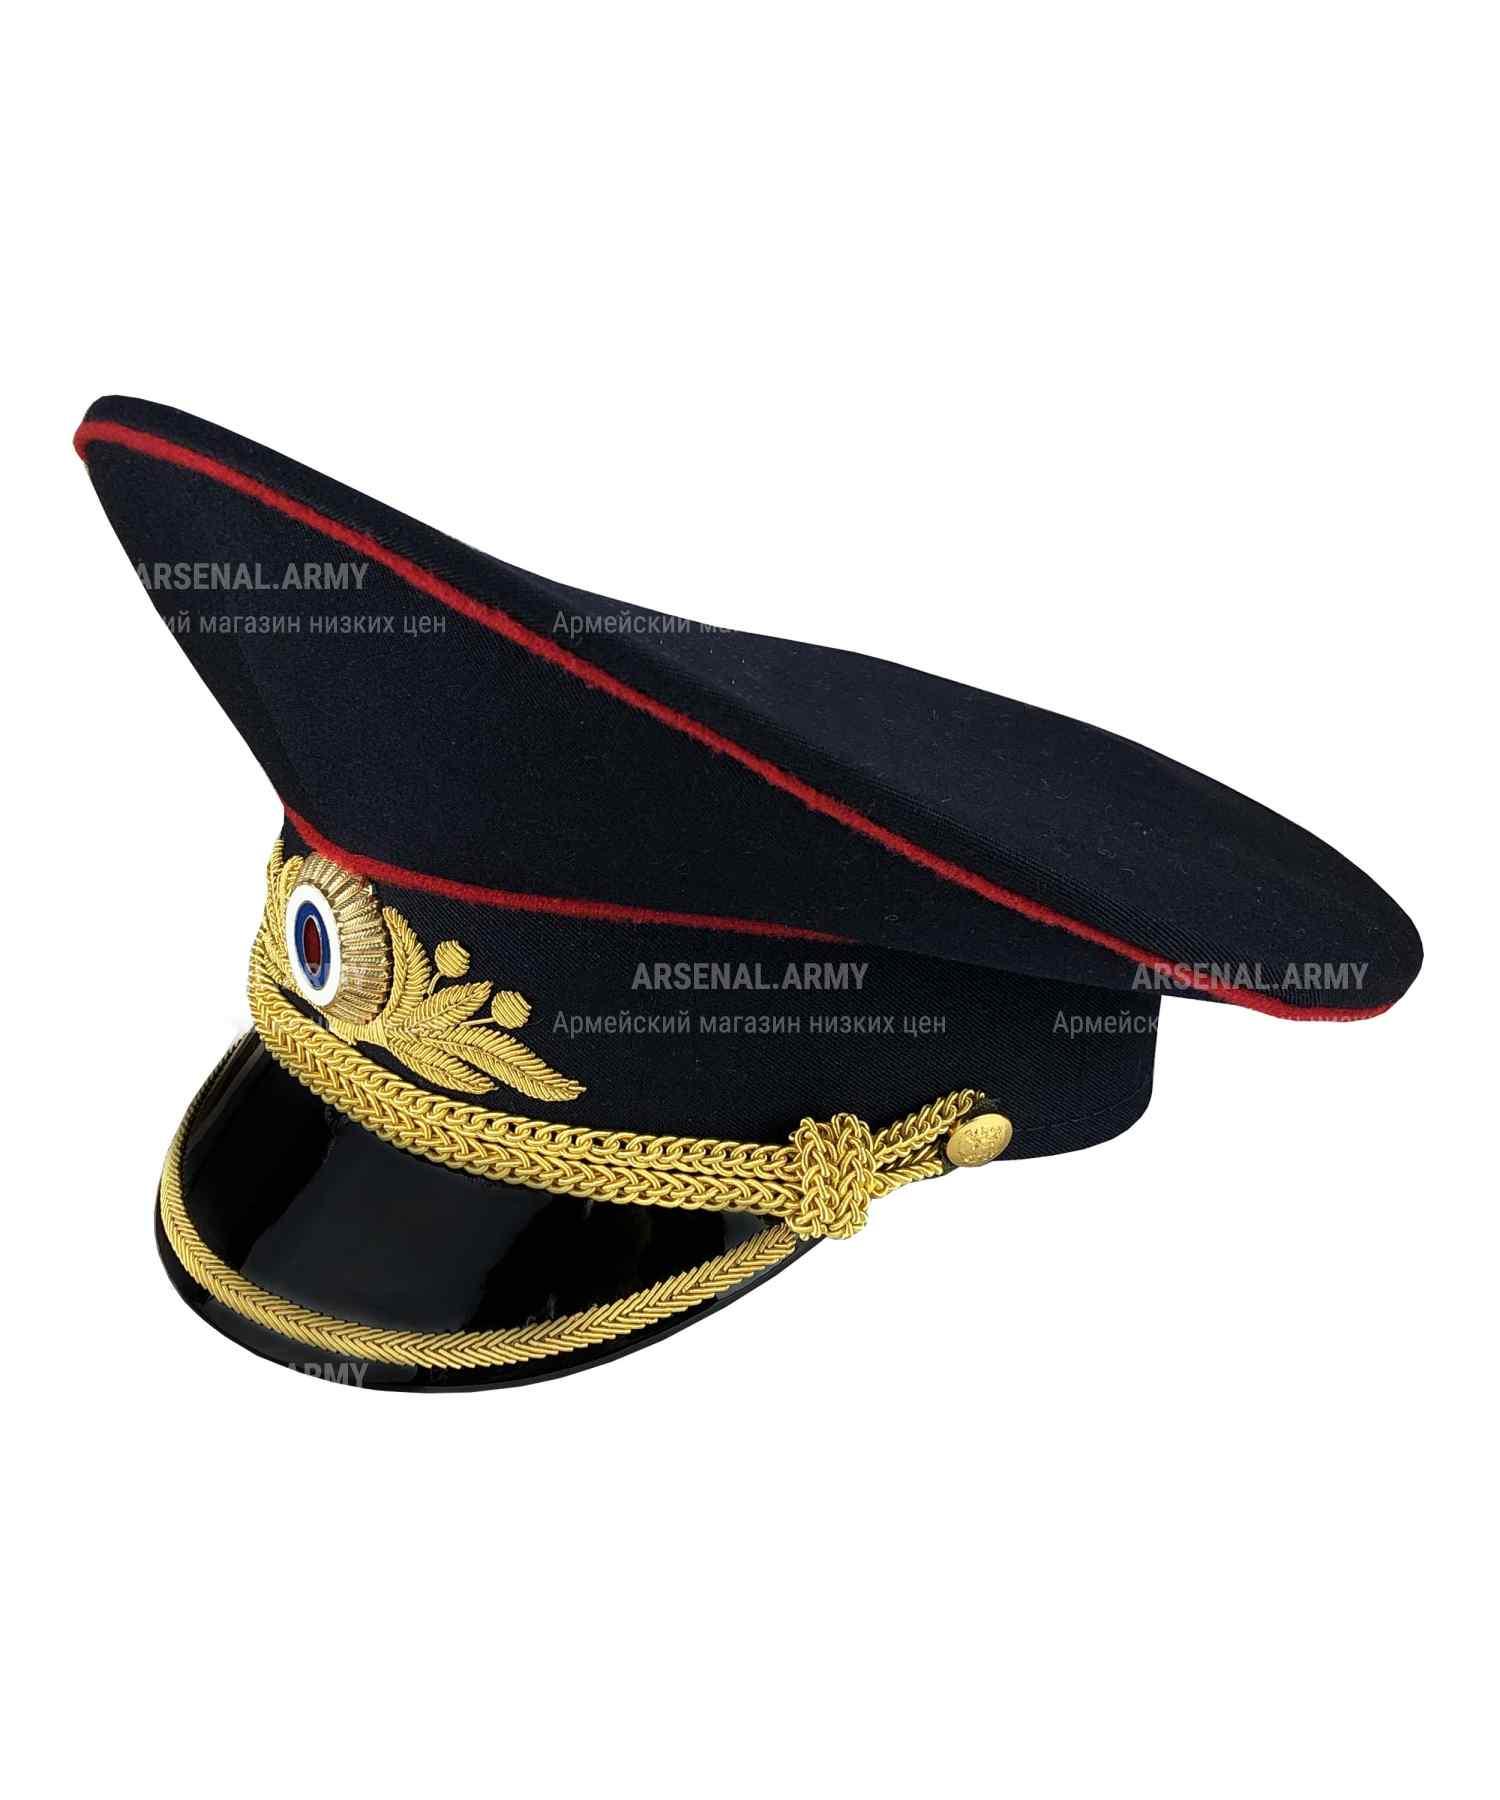 Фуражка полиции генеральская